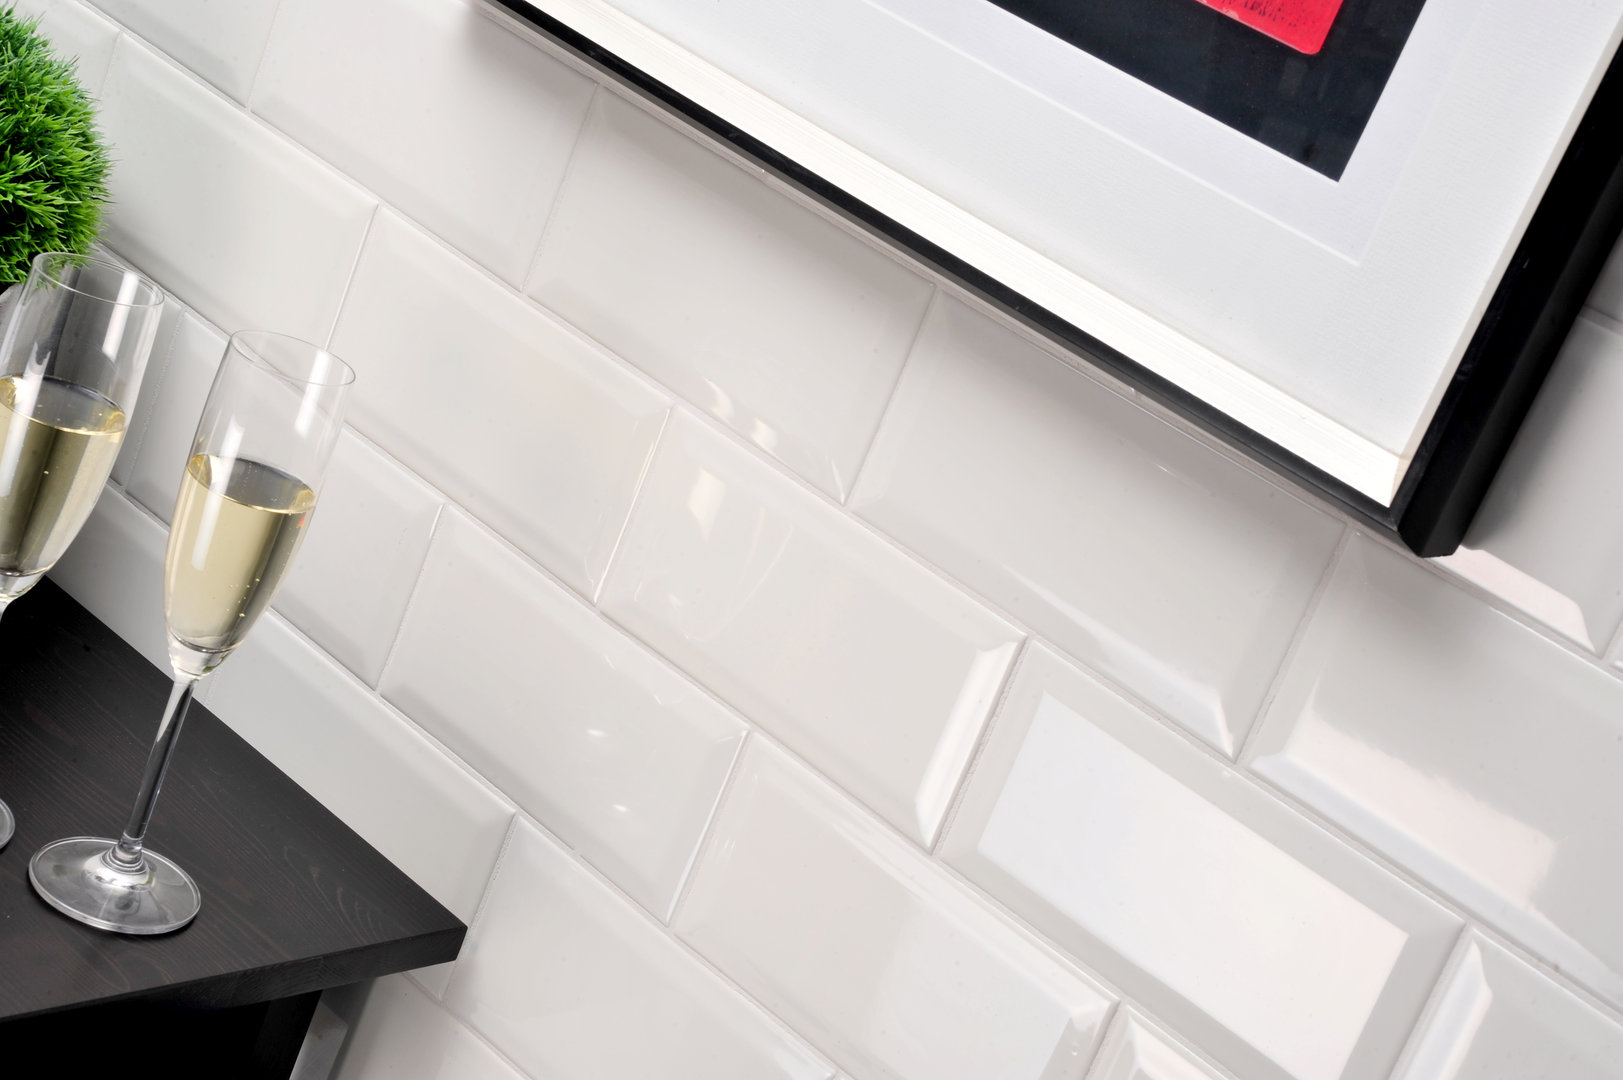 Wandfliese Homestile Metro Creme Glänzend X Cm Online Kaufen - Bodenfliesen weiß glänzend 30x60